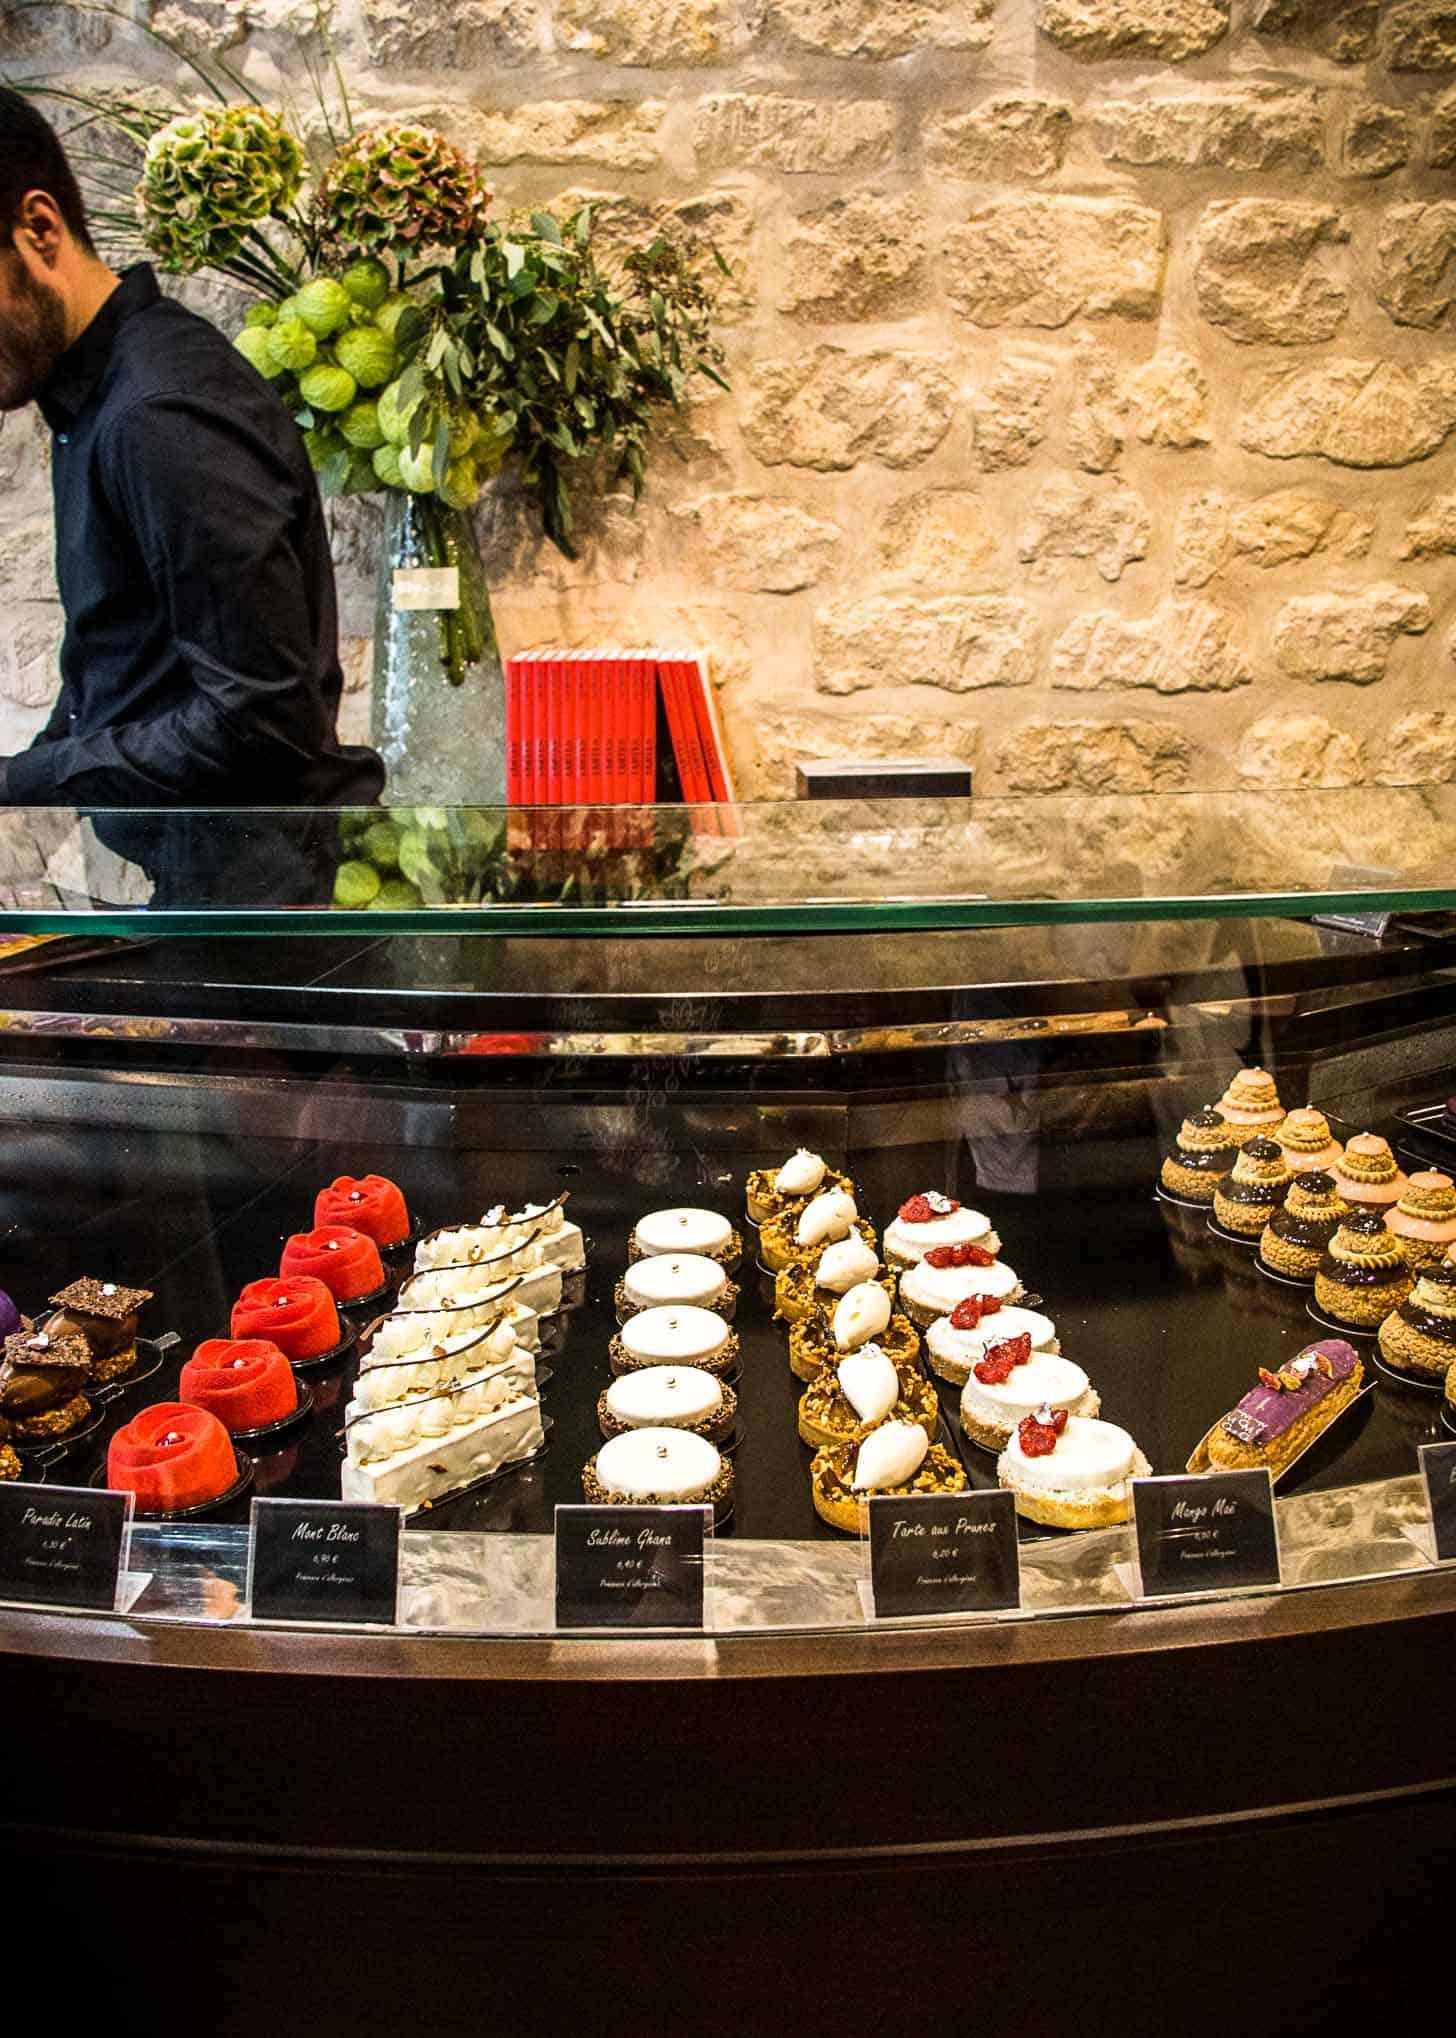 Paris by Mouth Food Tour